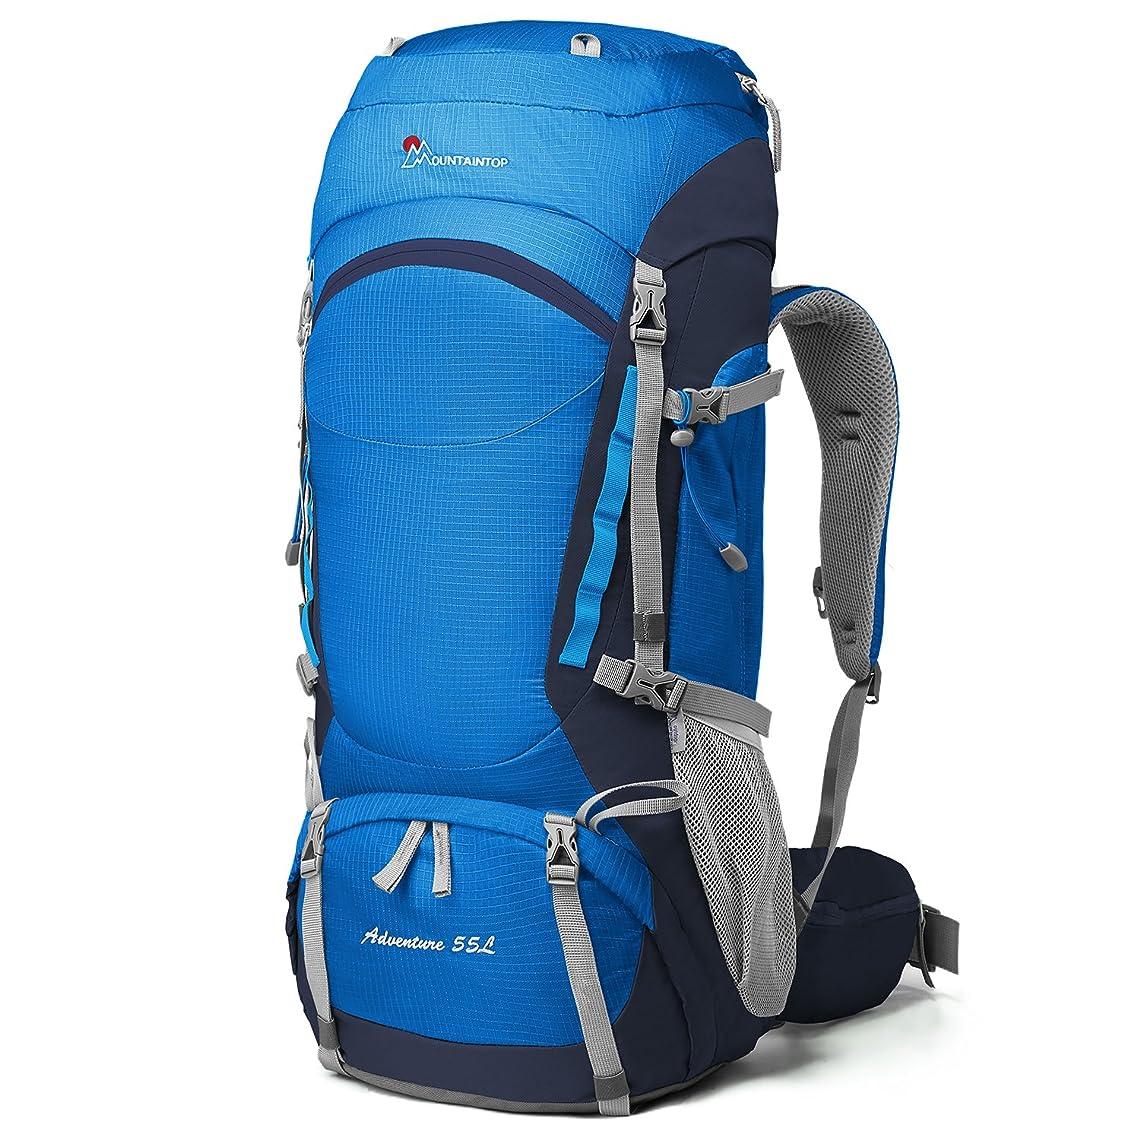 剪断甥言及するマウンテントップ(Mountaintop)80L/55L 登山バッグ リュック ハイキング バックパック 大型リュックサック 大容量 防水 レインカバー付き